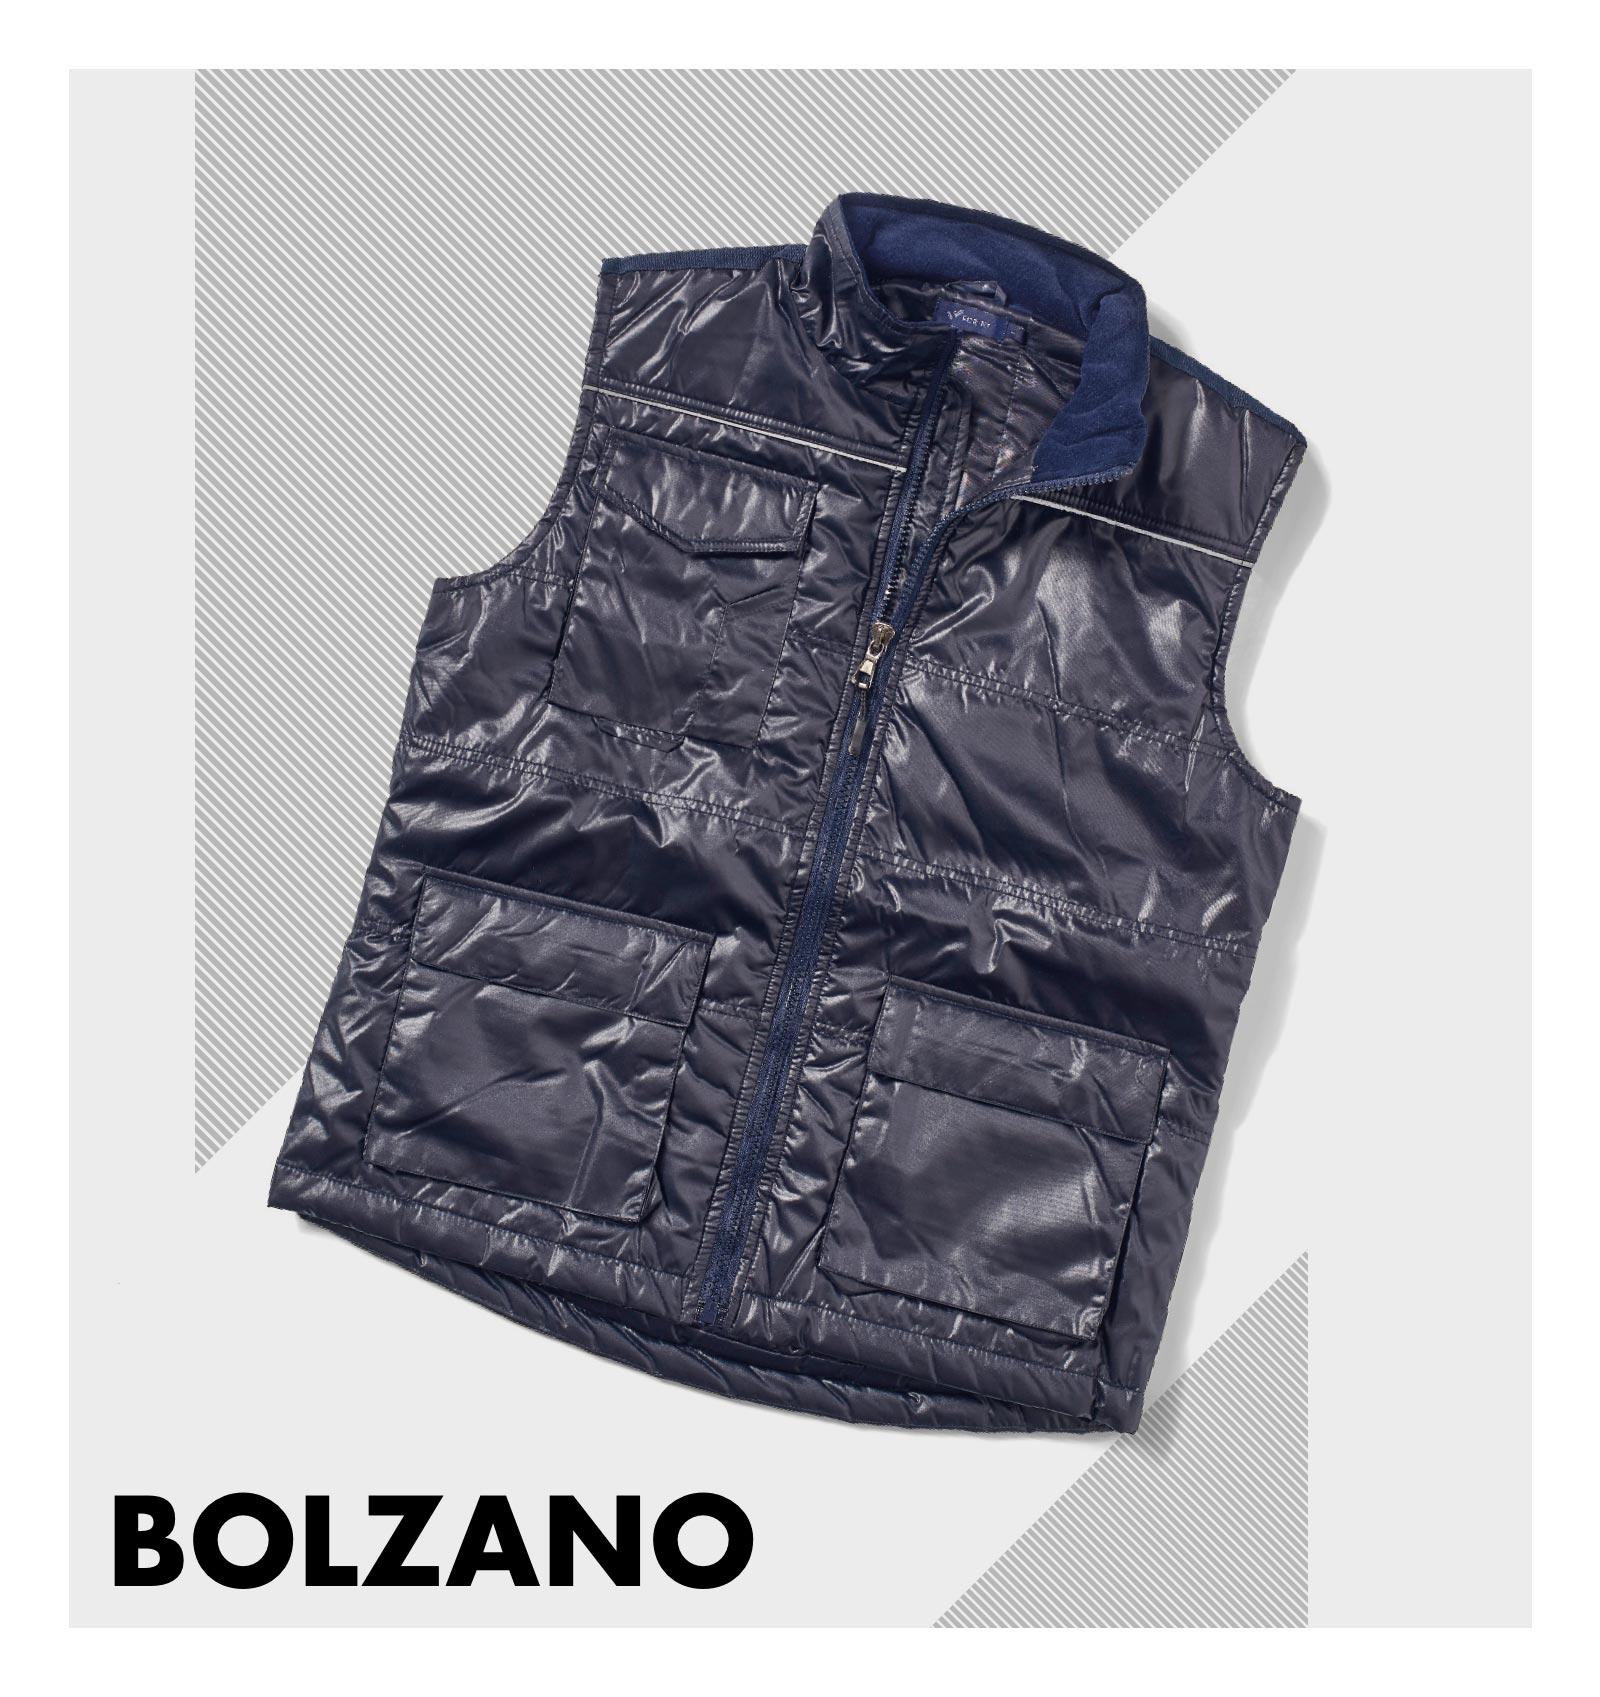 Workwear-BOLZANO